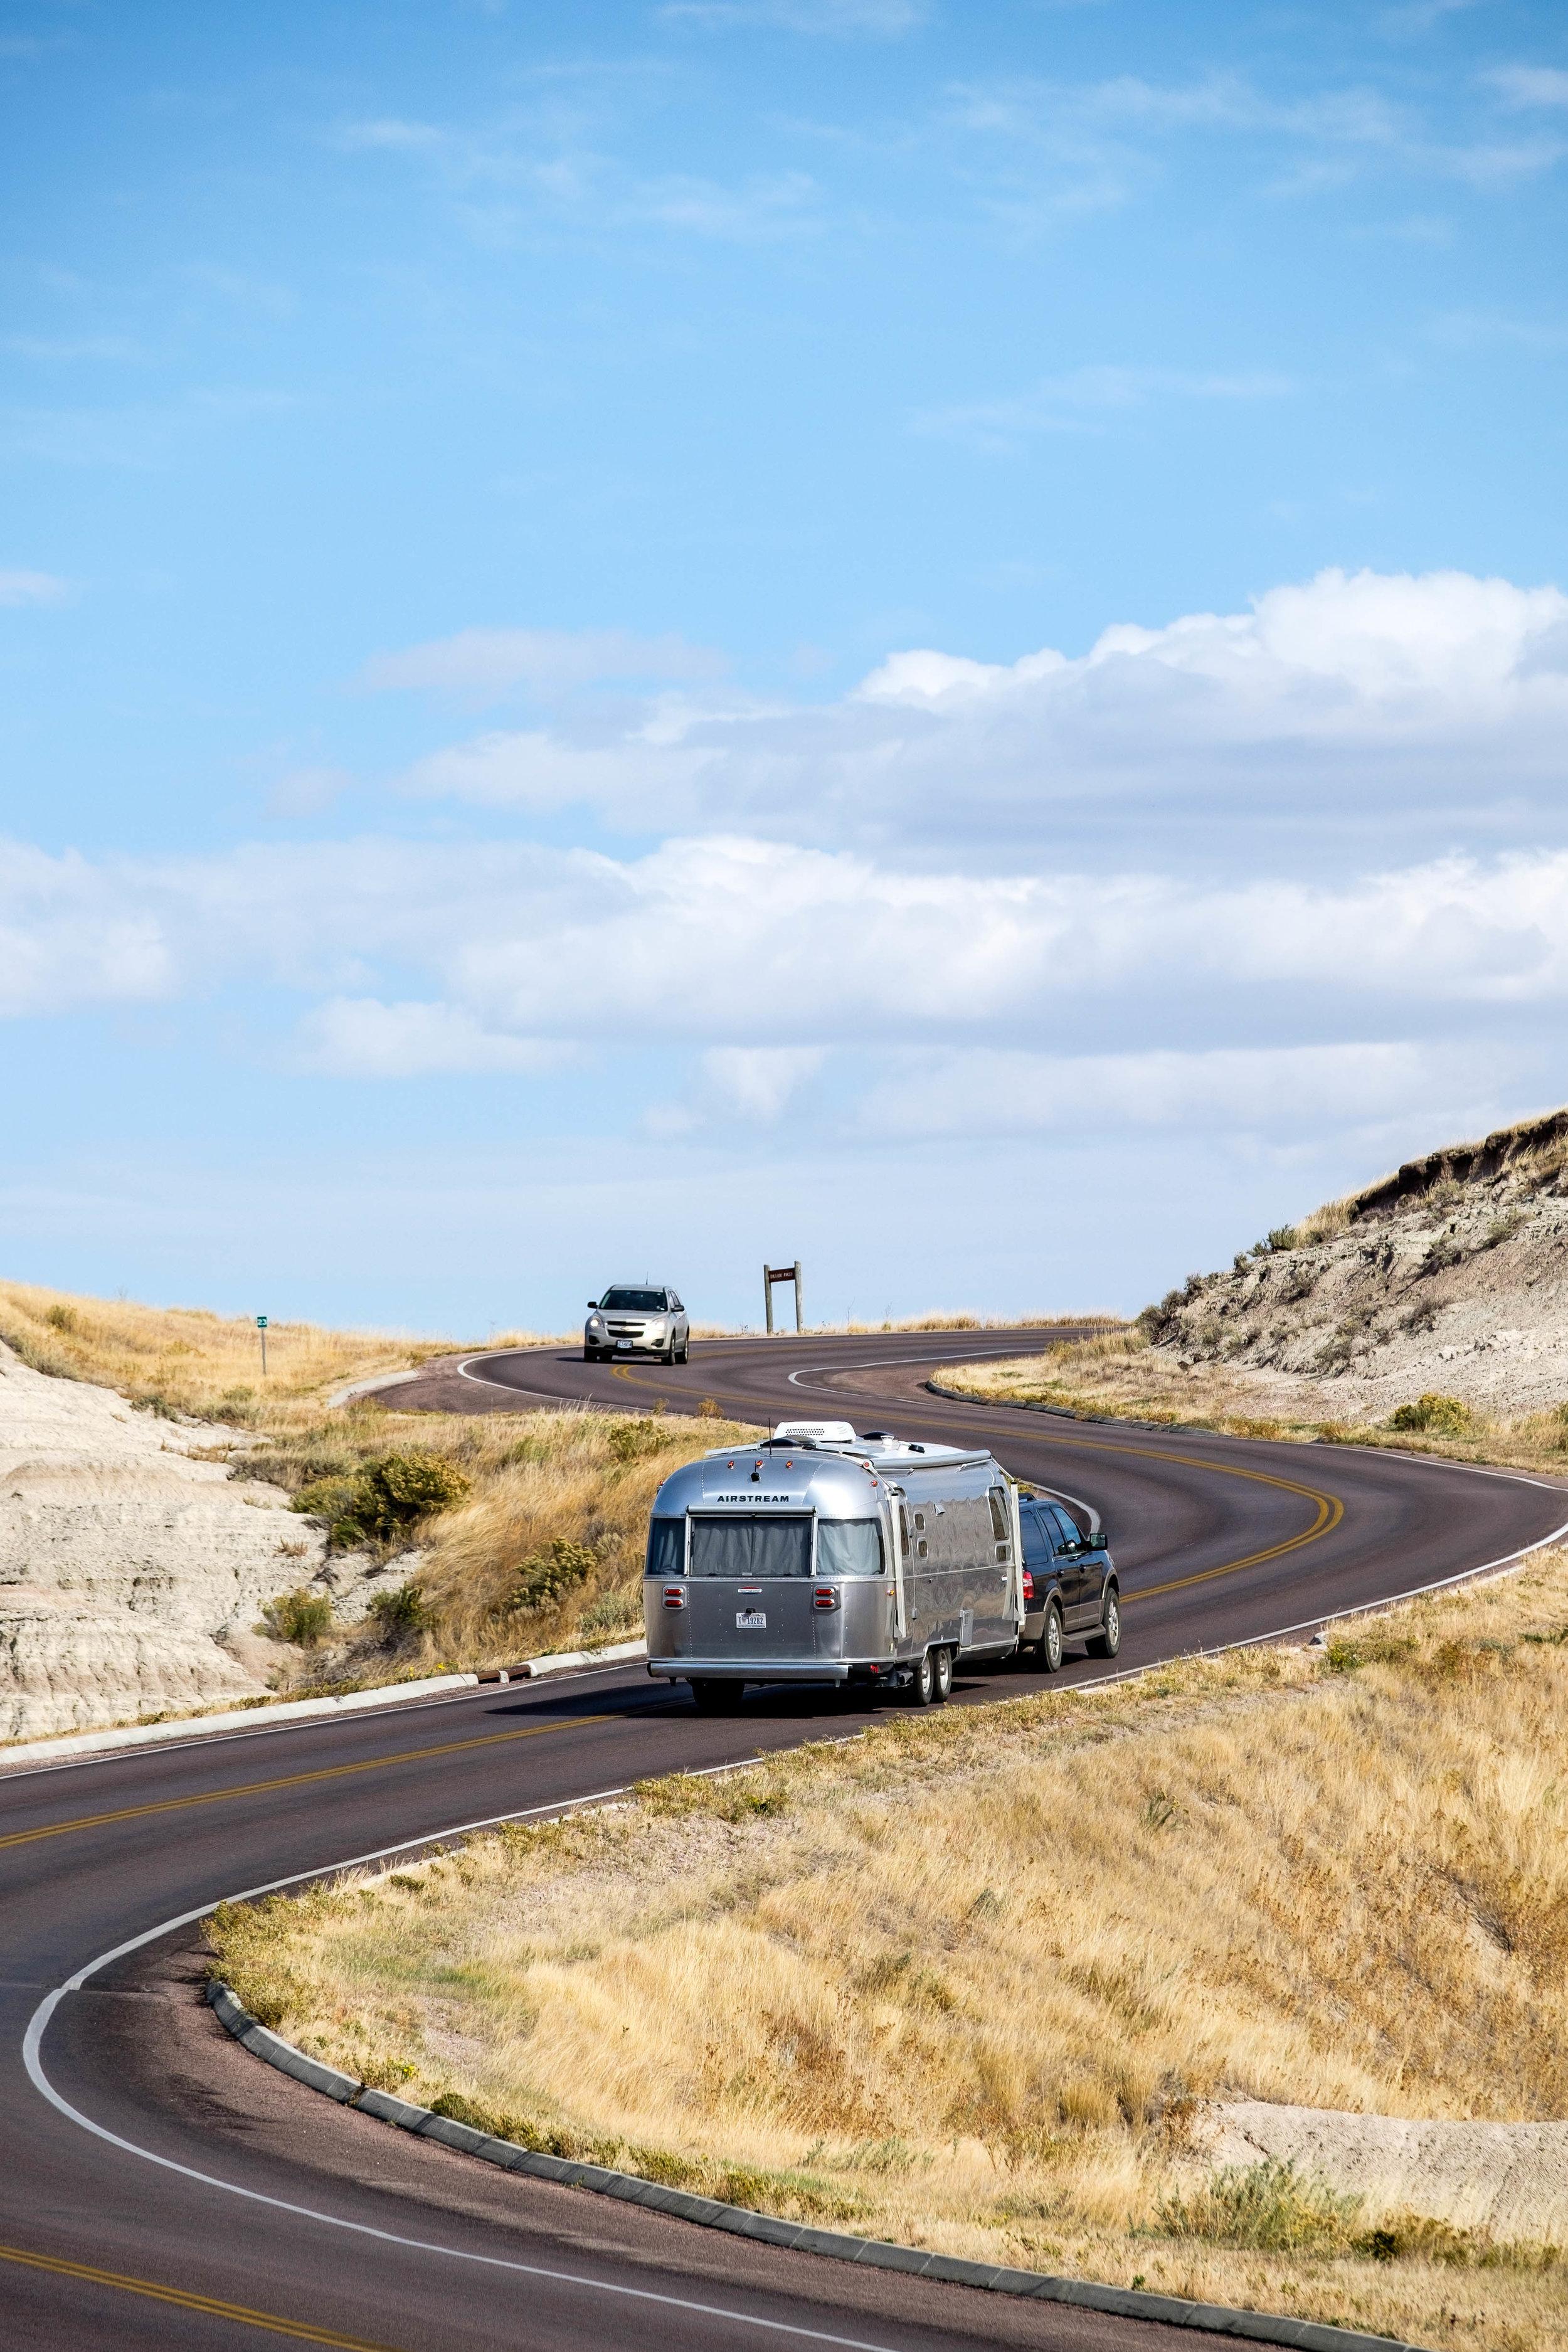 Badlands Park Loop Road in Badlands National Park in South Dakota.